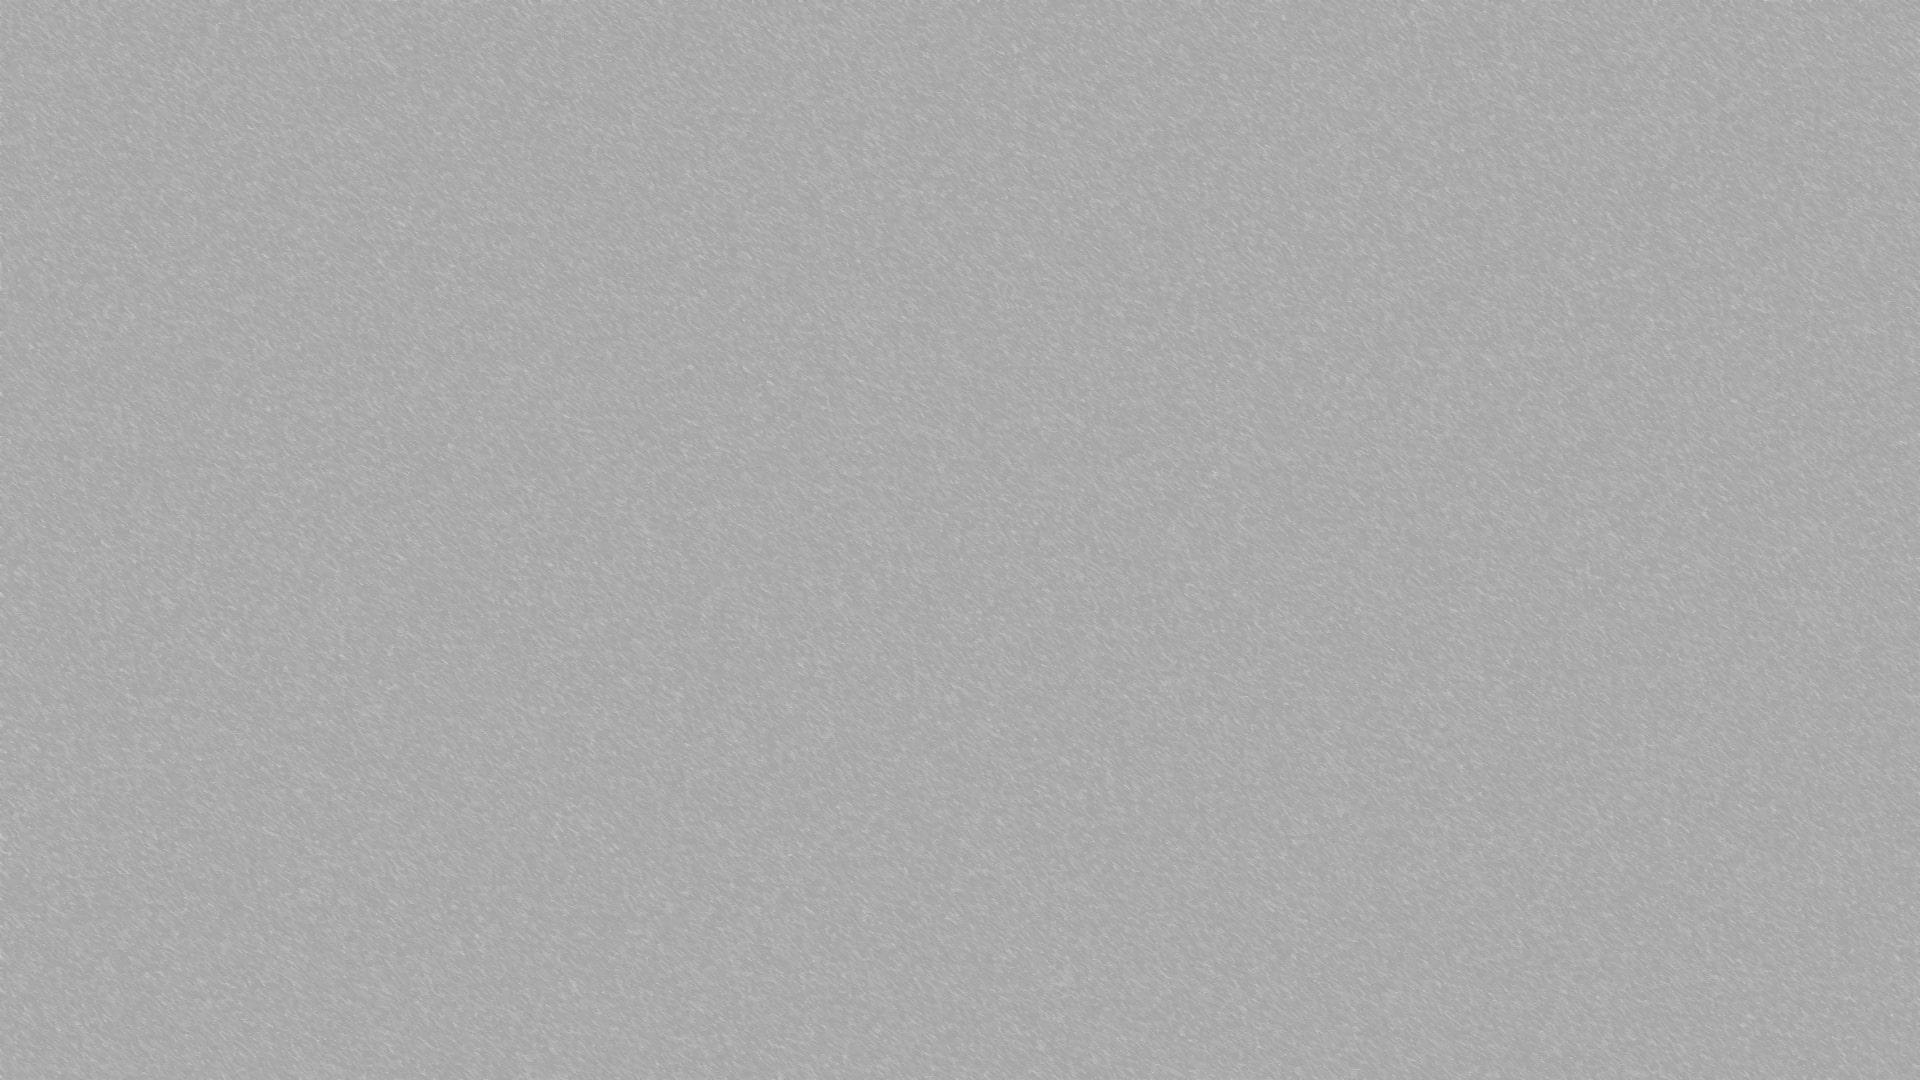 コンクリート風背景画像_gray